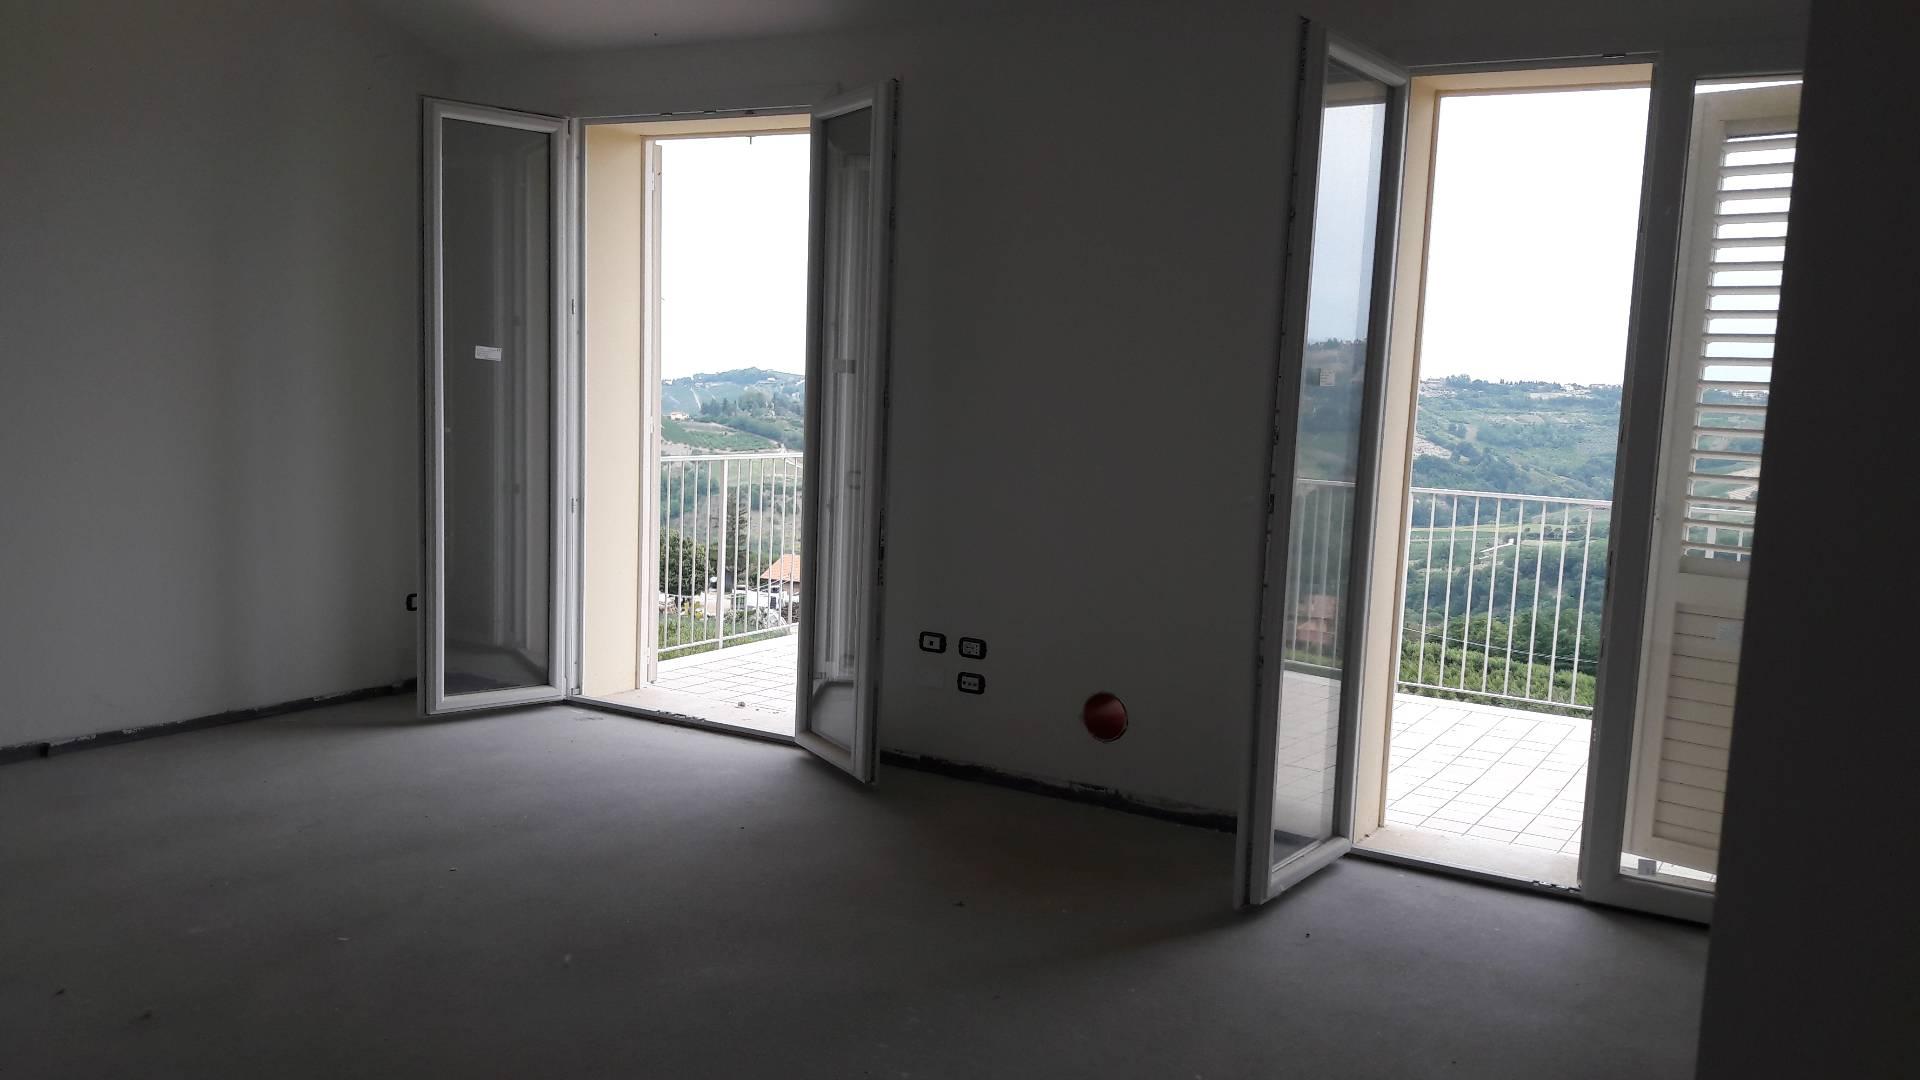 Appartamento in vendita a Montiano, 4 locali, prezzo € 140.000 | CambioCasa.it